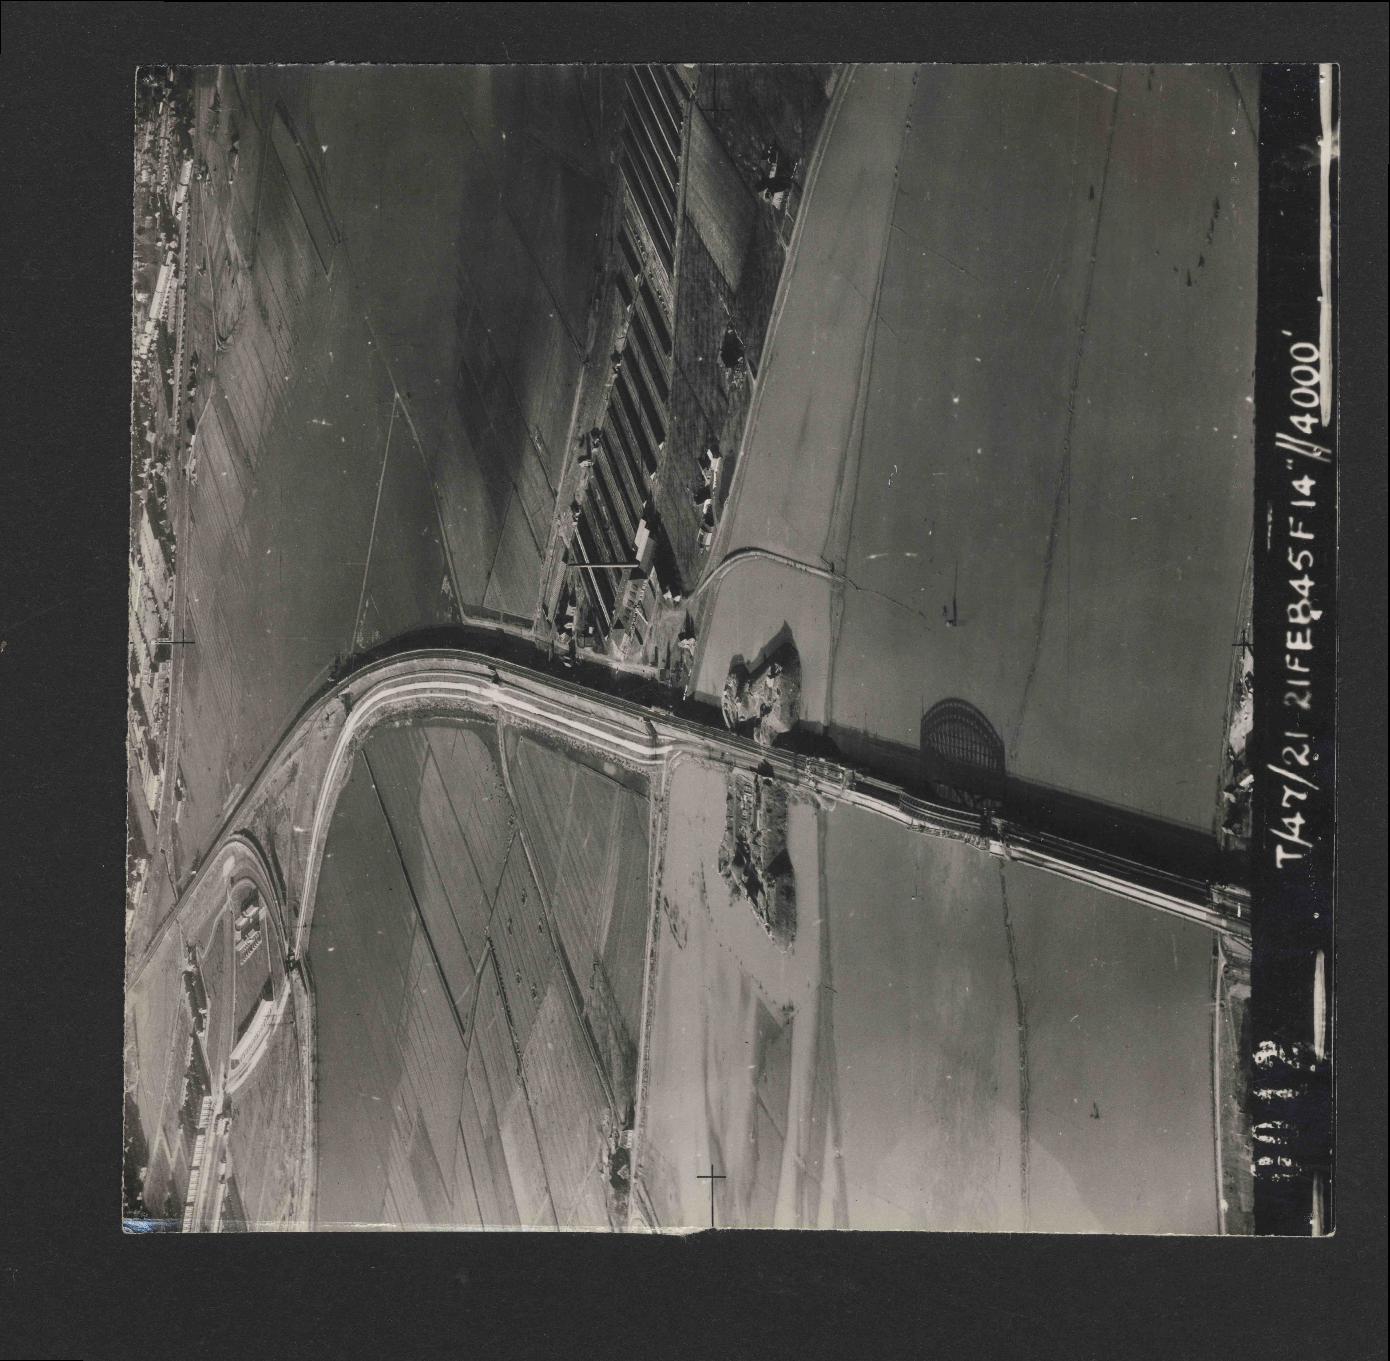 Collection RAF aerial photos 1940-1945 - flight 514, run 01, photo 0012